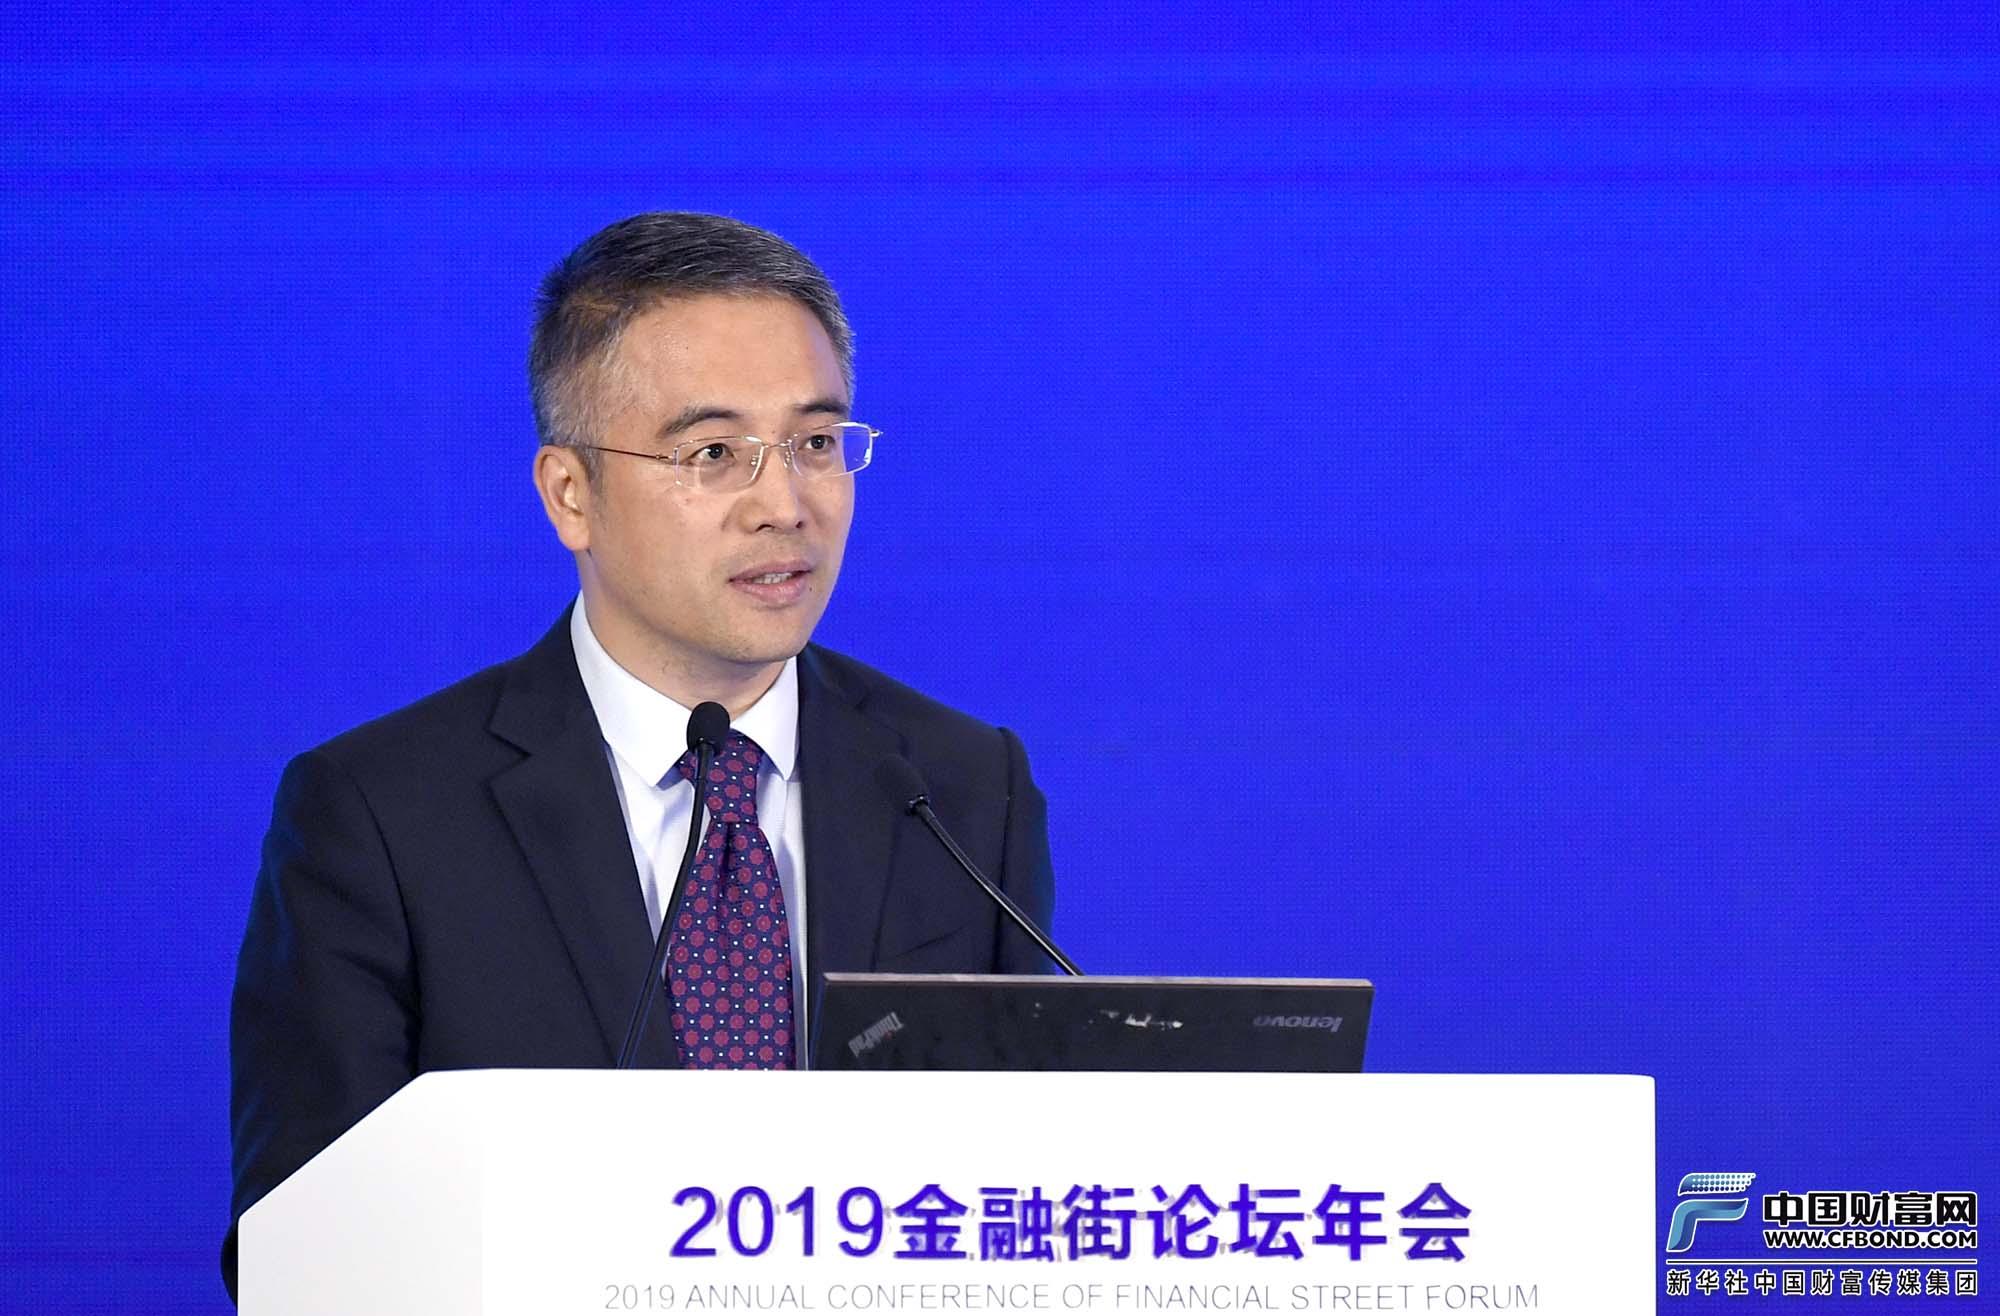 演讲嘉宾:中国工商银行行长谷澍